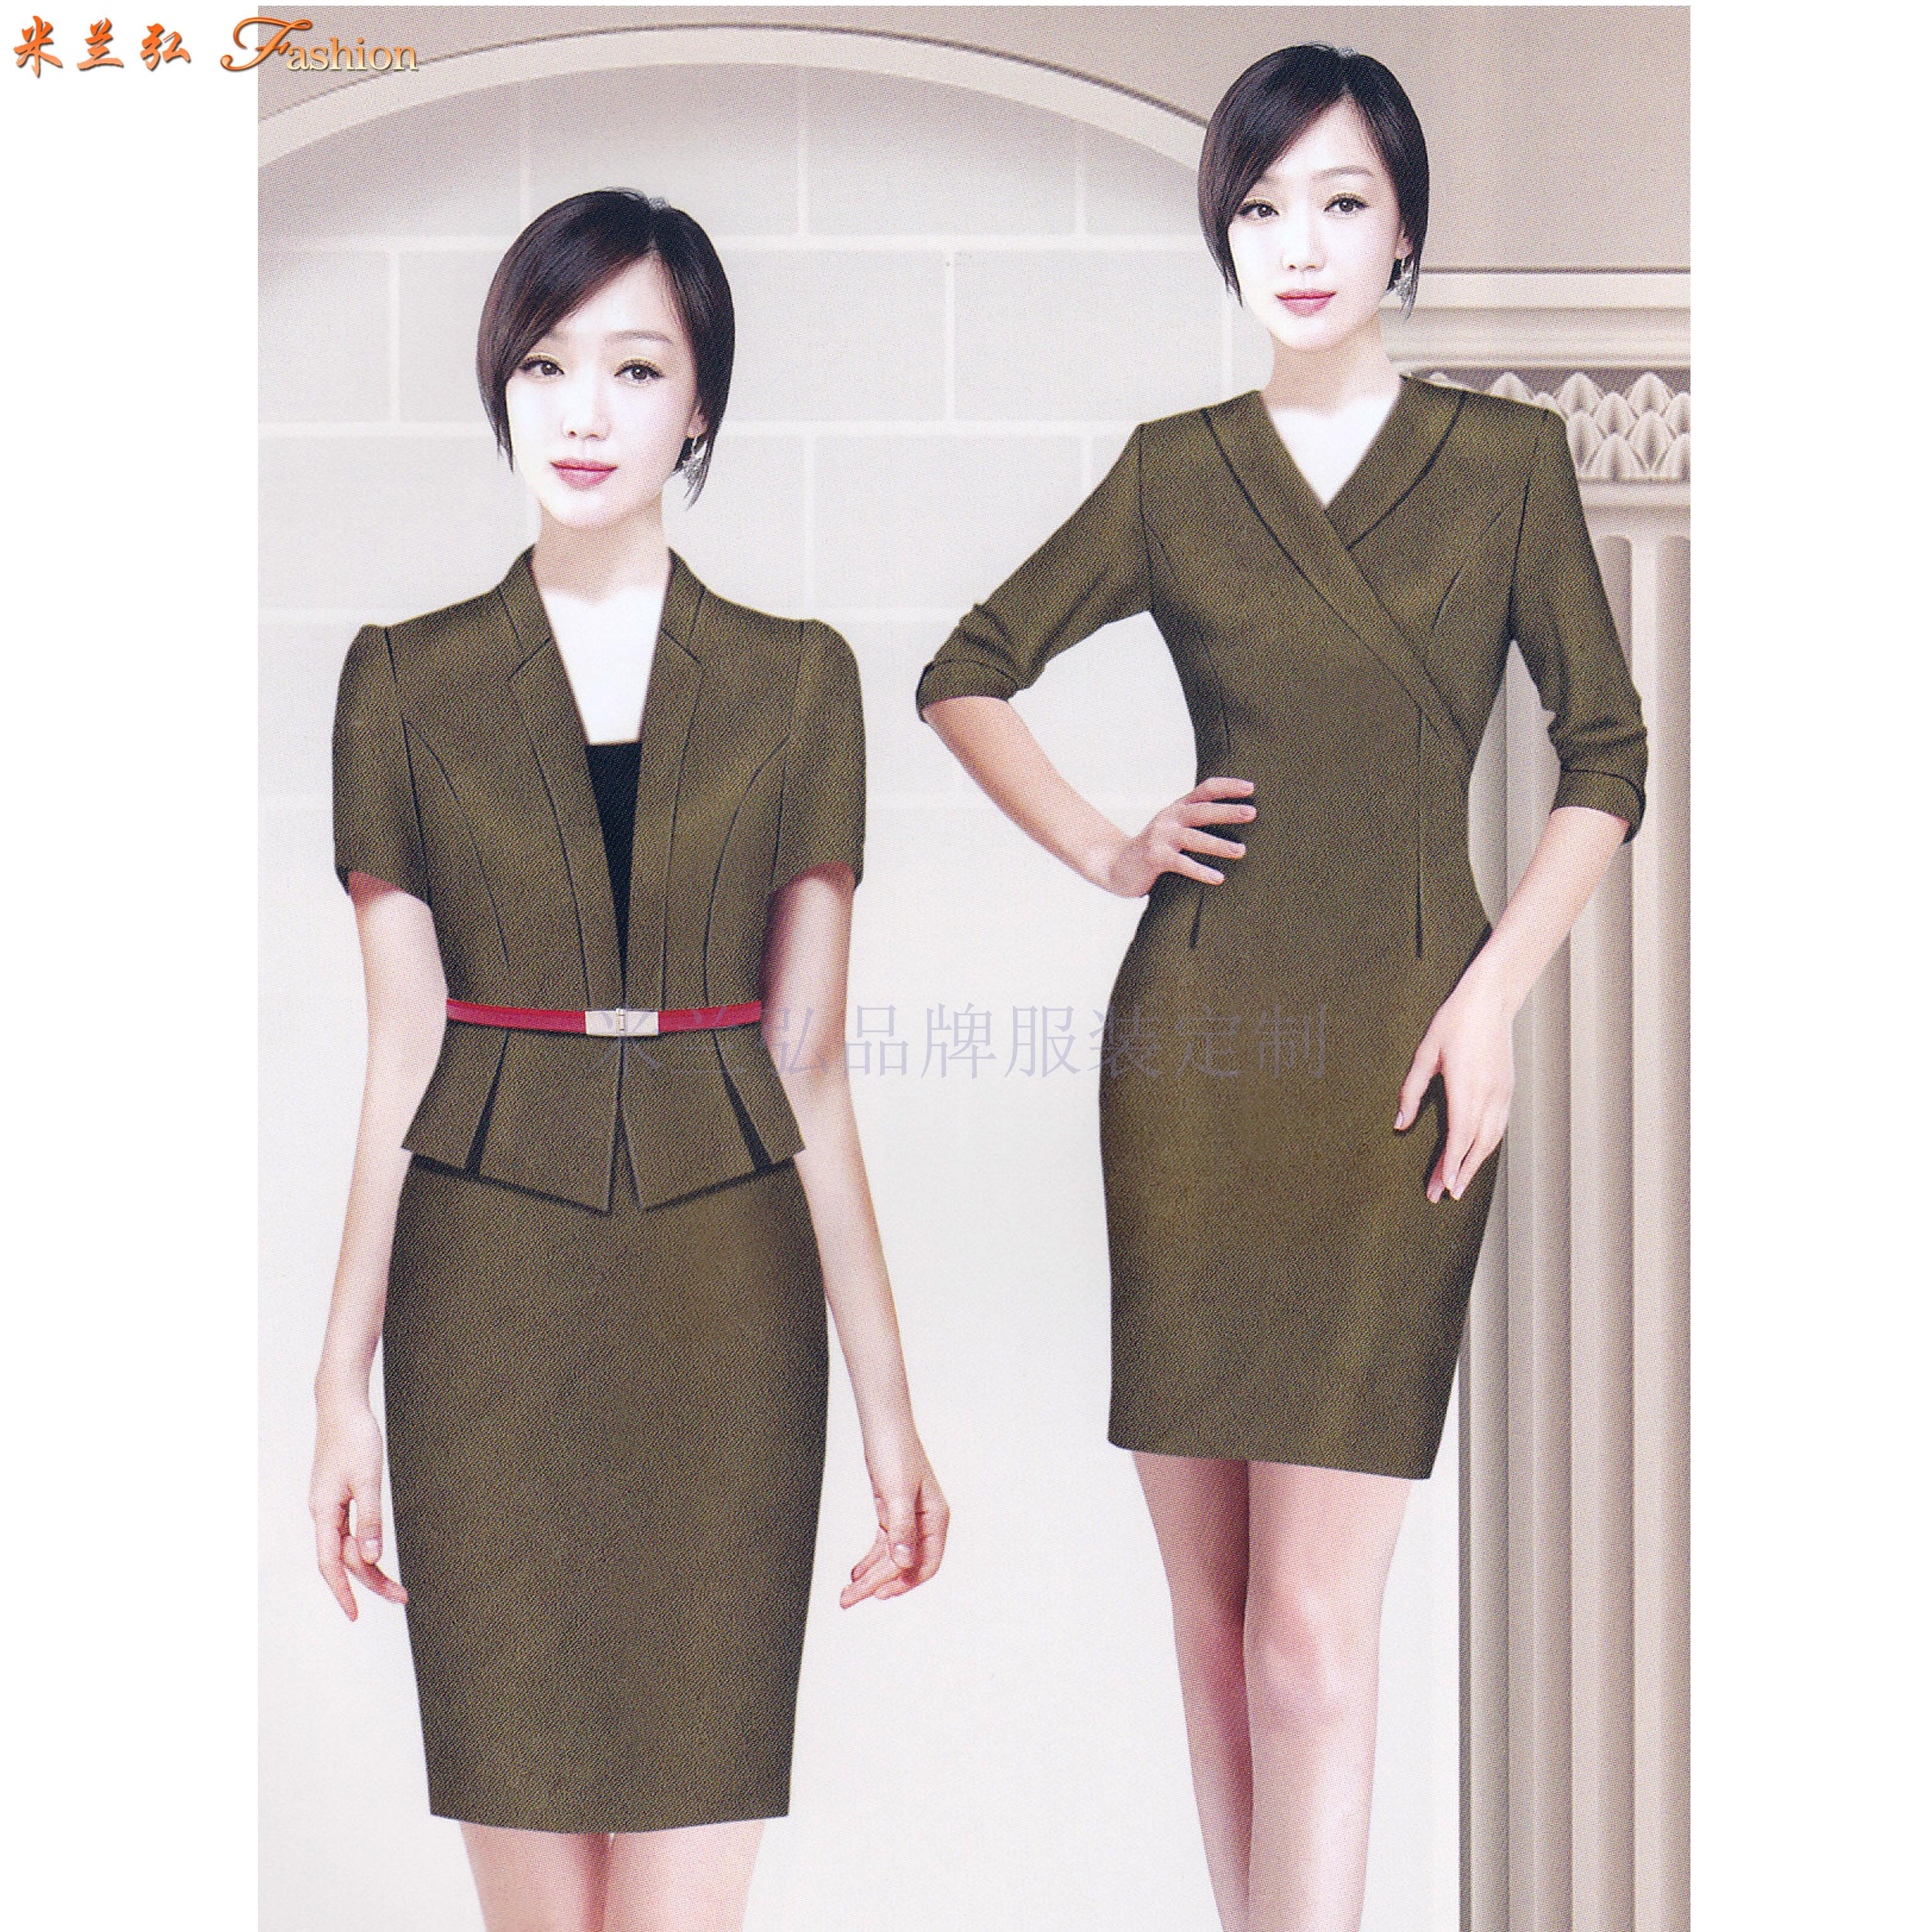 「職業裝連衣裙定制」「職業裝連衣裙訂制」-米蘭弘服裝-2